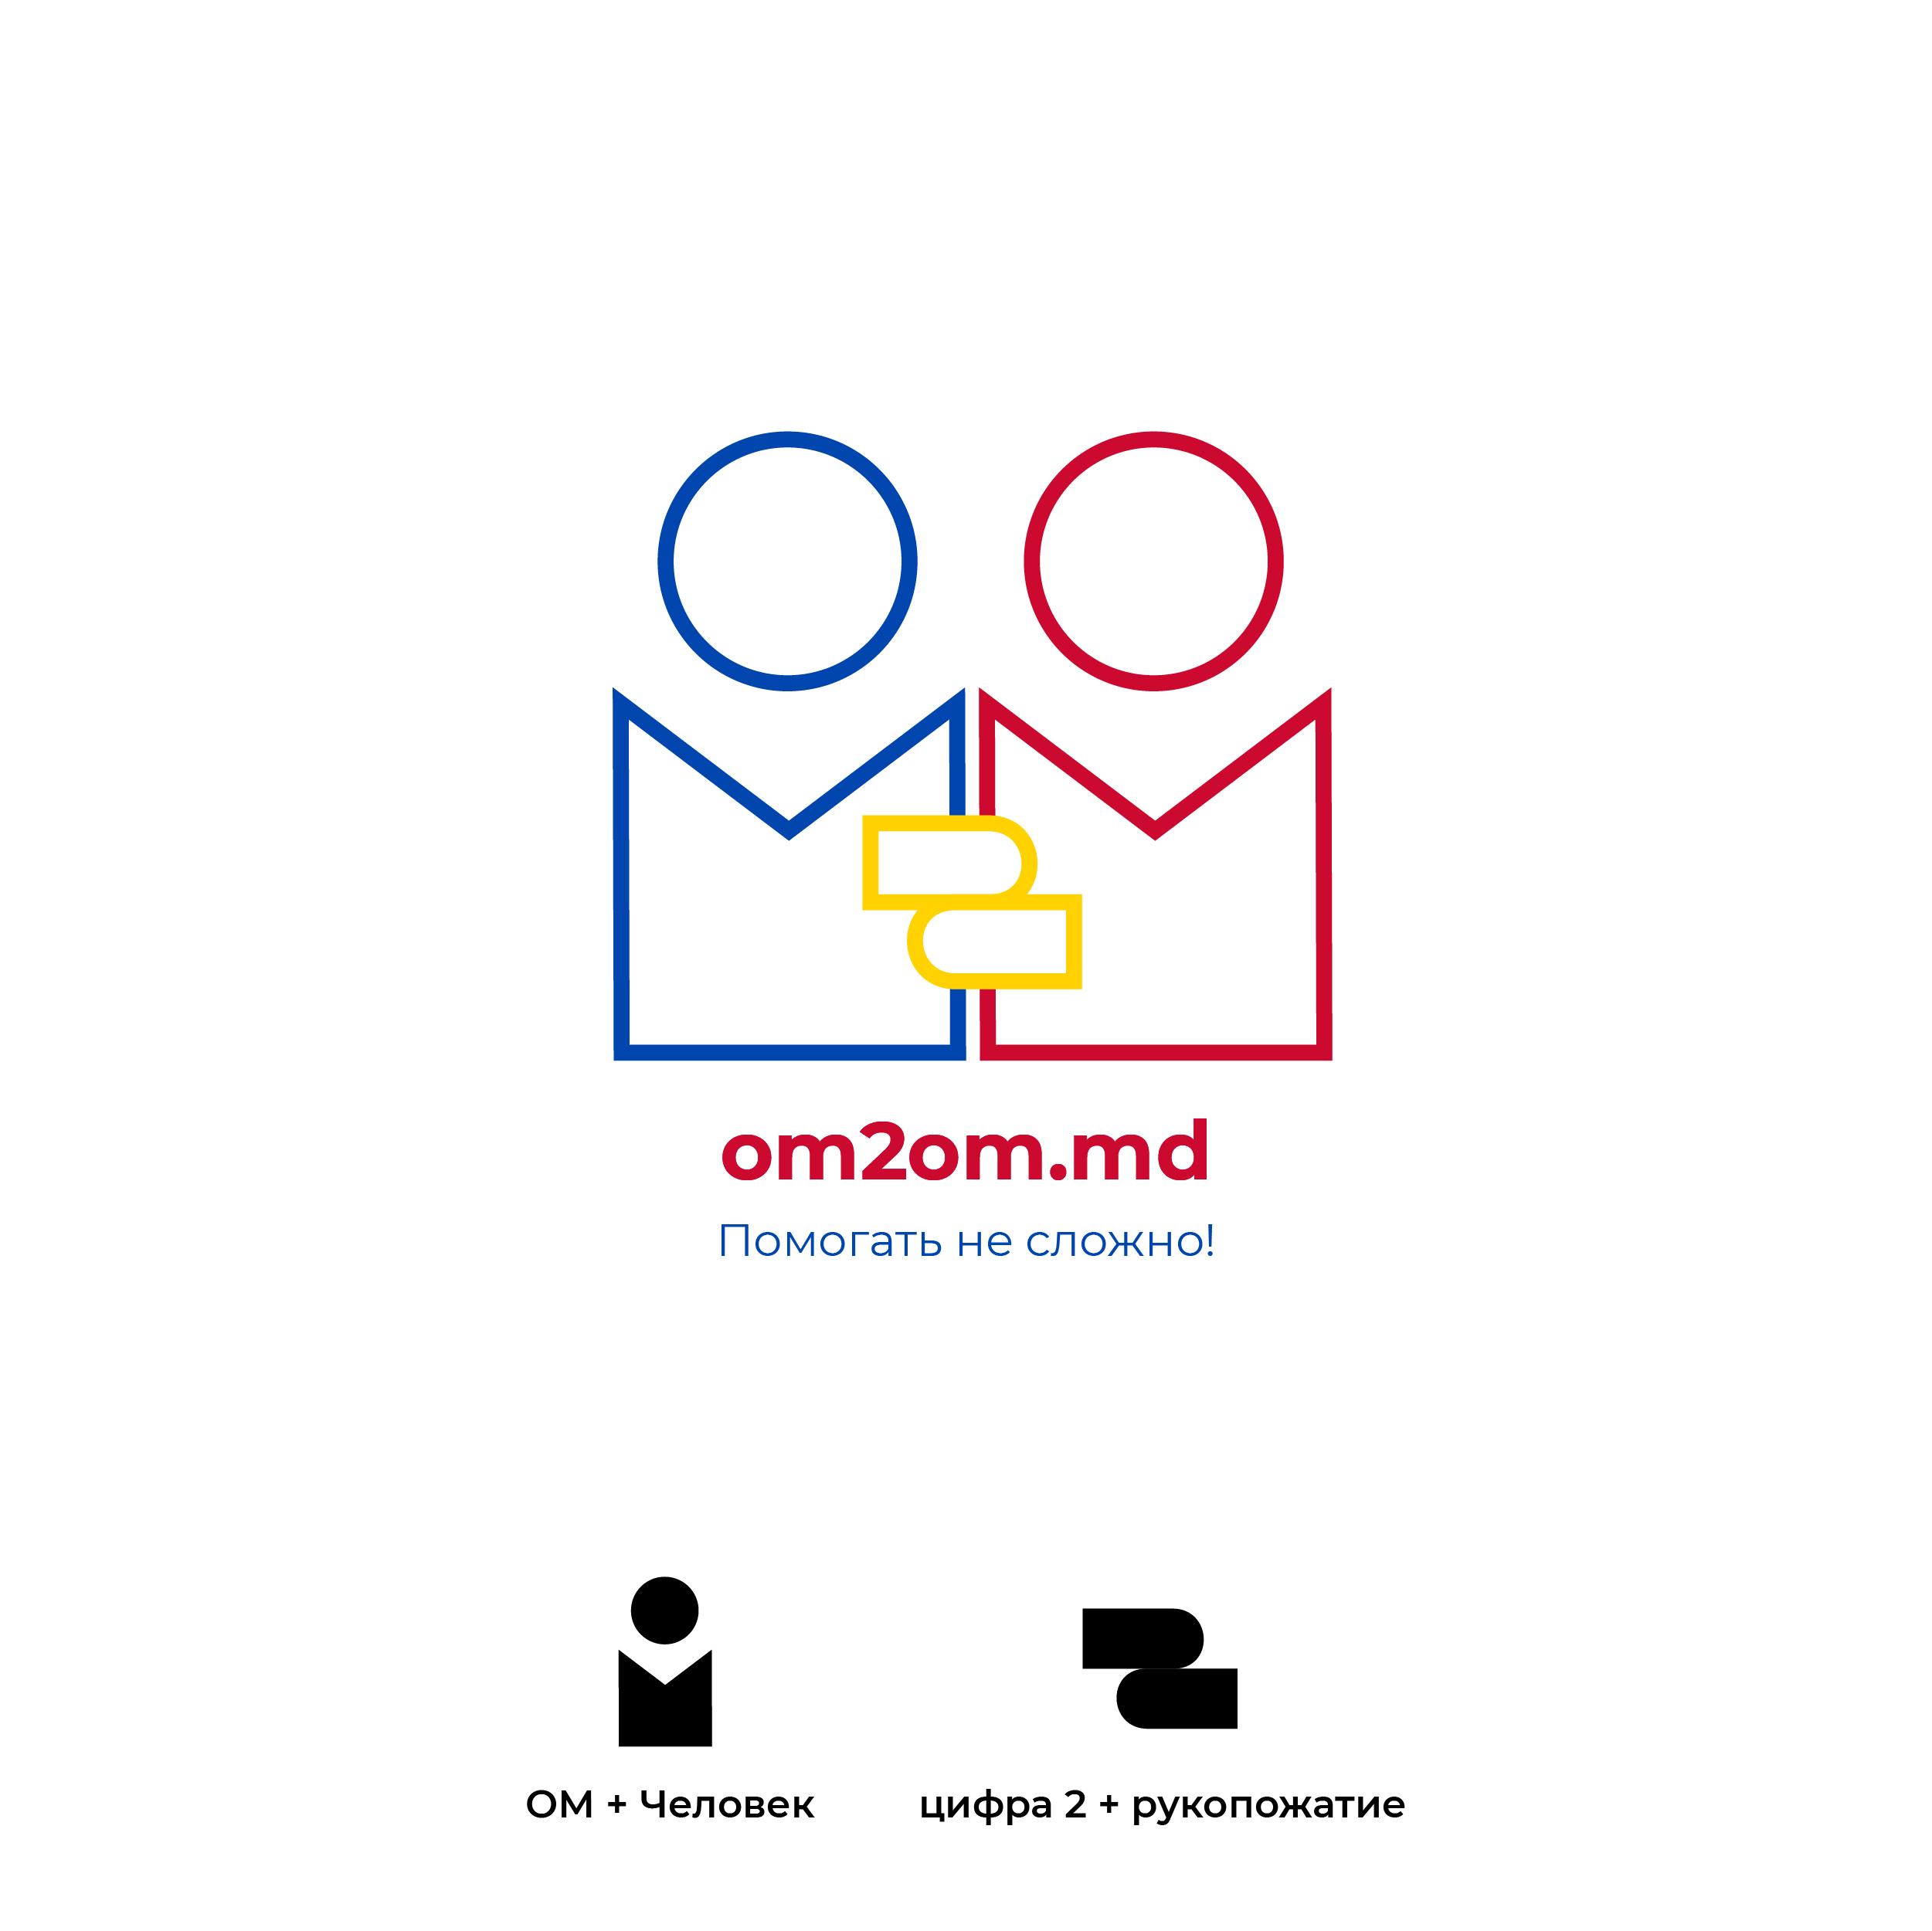 Разработка логотипа для краудфандинговой платформы om2om.md фото f_1735f5cef0b673c3.jpg